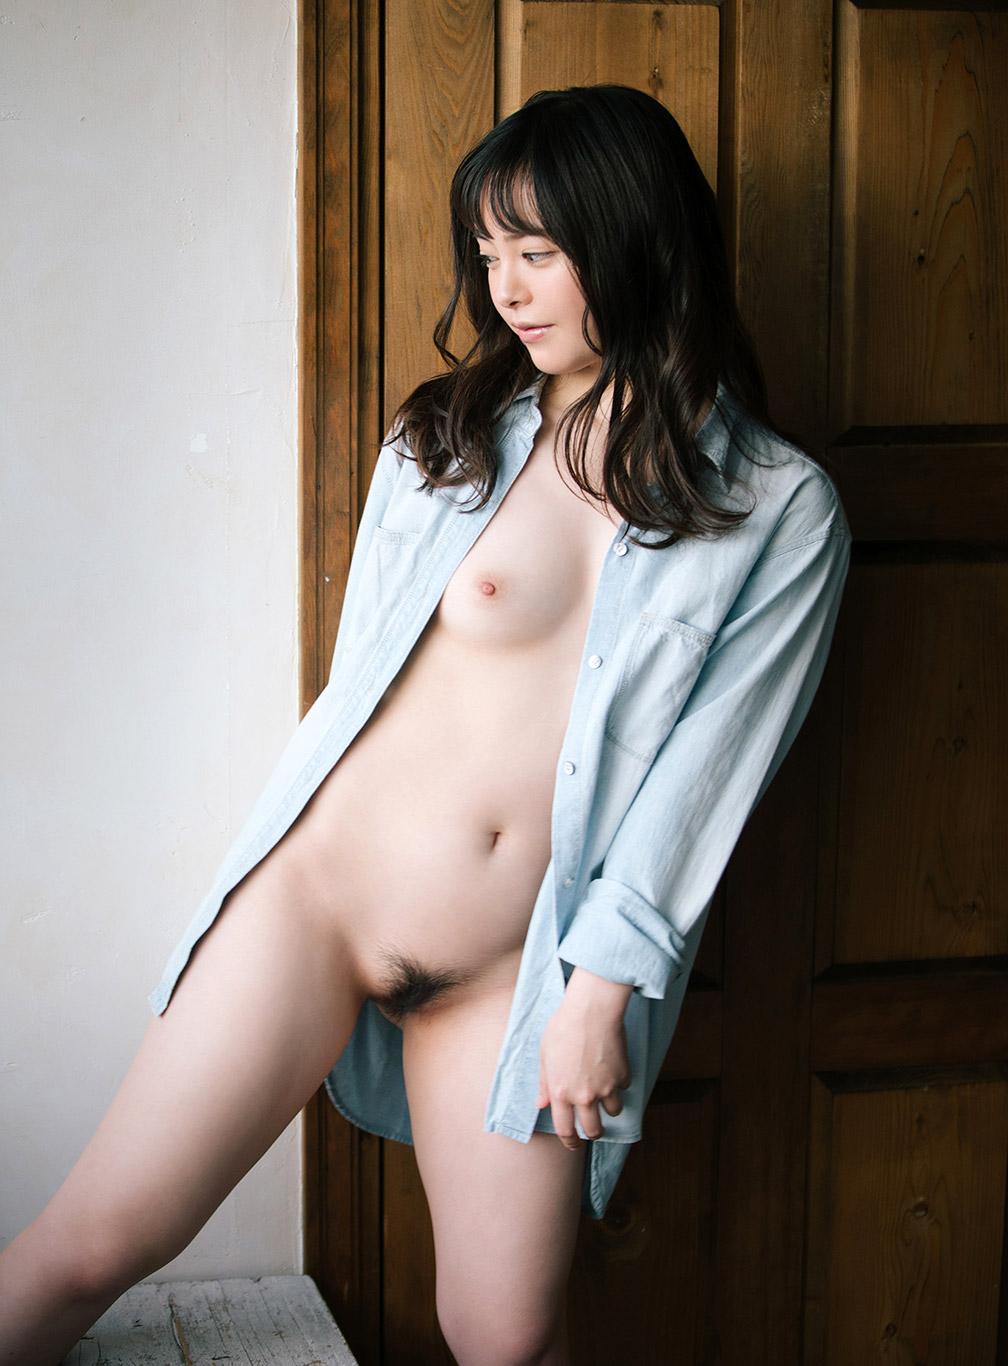 image http://scanlover.com/assets/images/272-naGf3uJTCwcdOJ20.jpeg